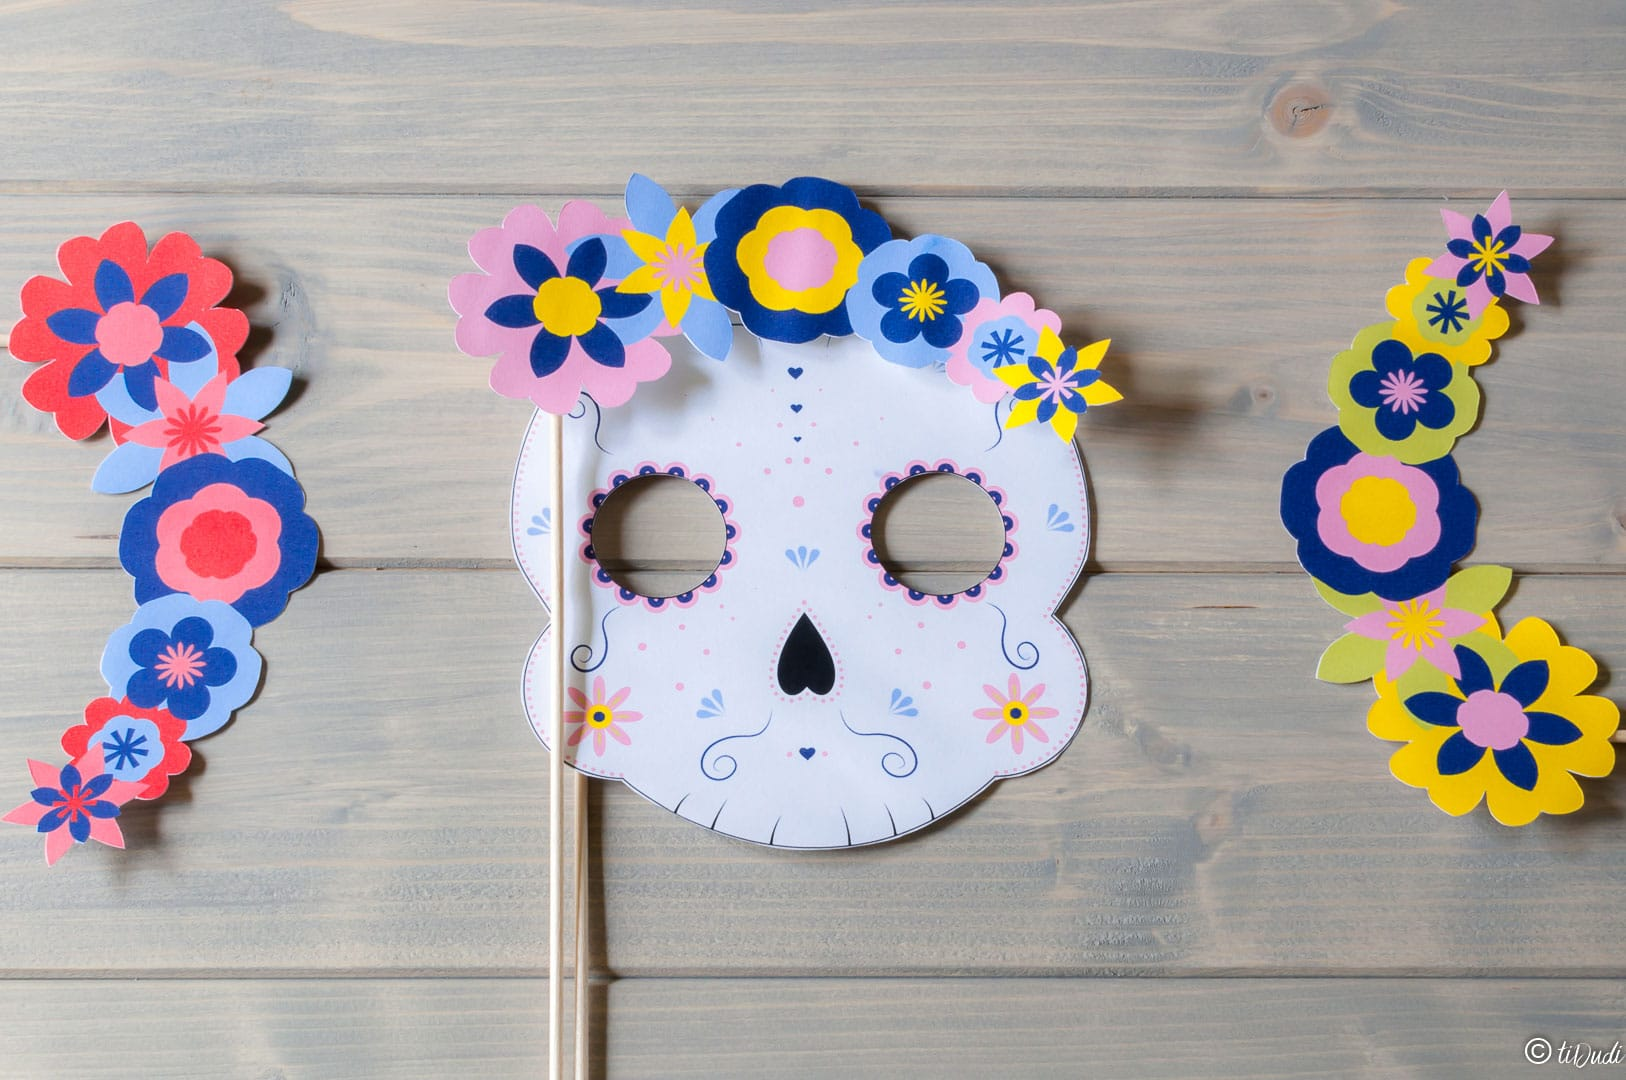 Photobooth Halloween Dia de los muertos - tiDudi